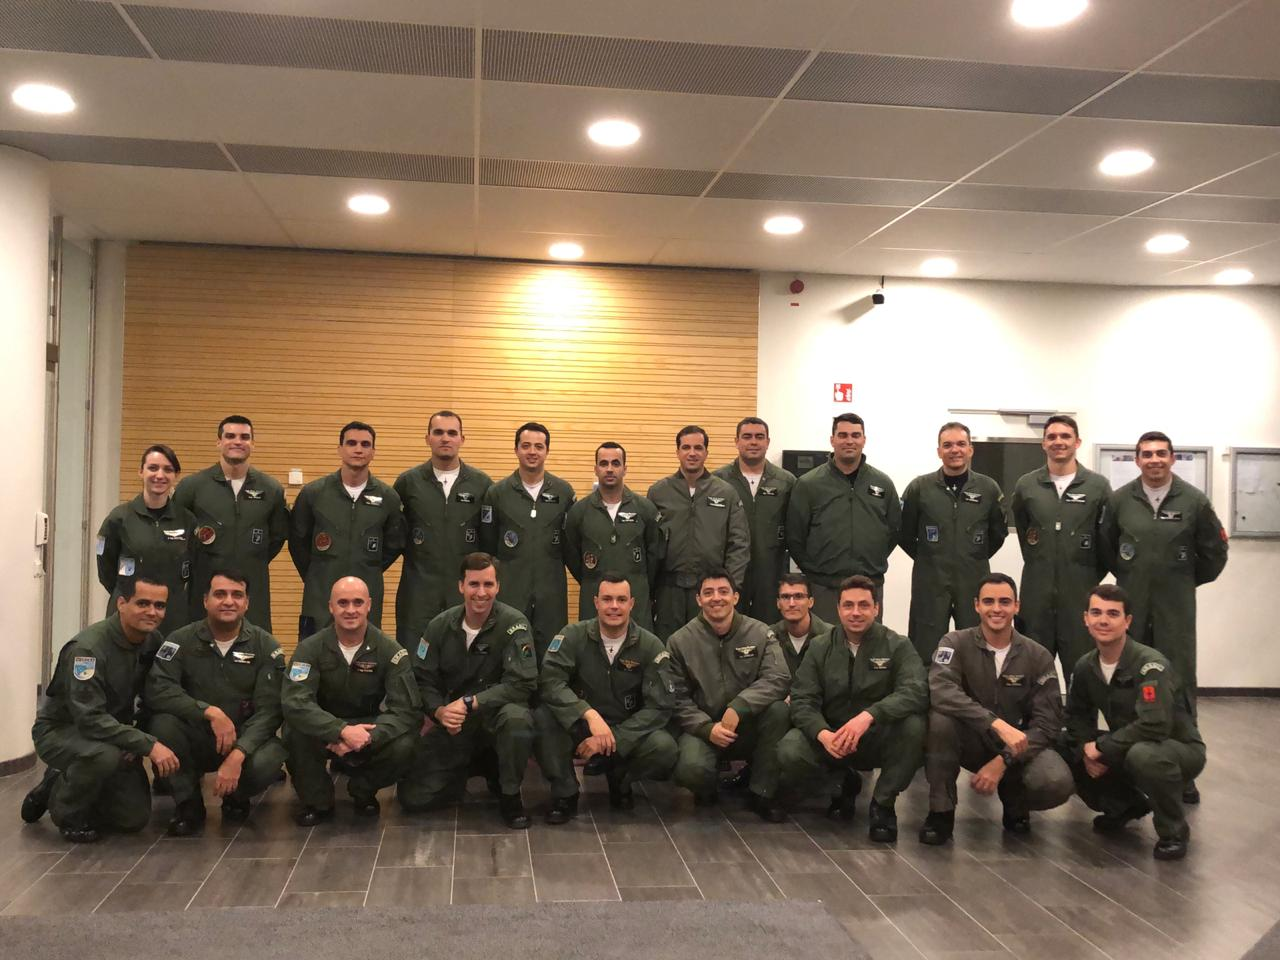 Militares-da-FAB-s%C3%A3o-qualificados-p